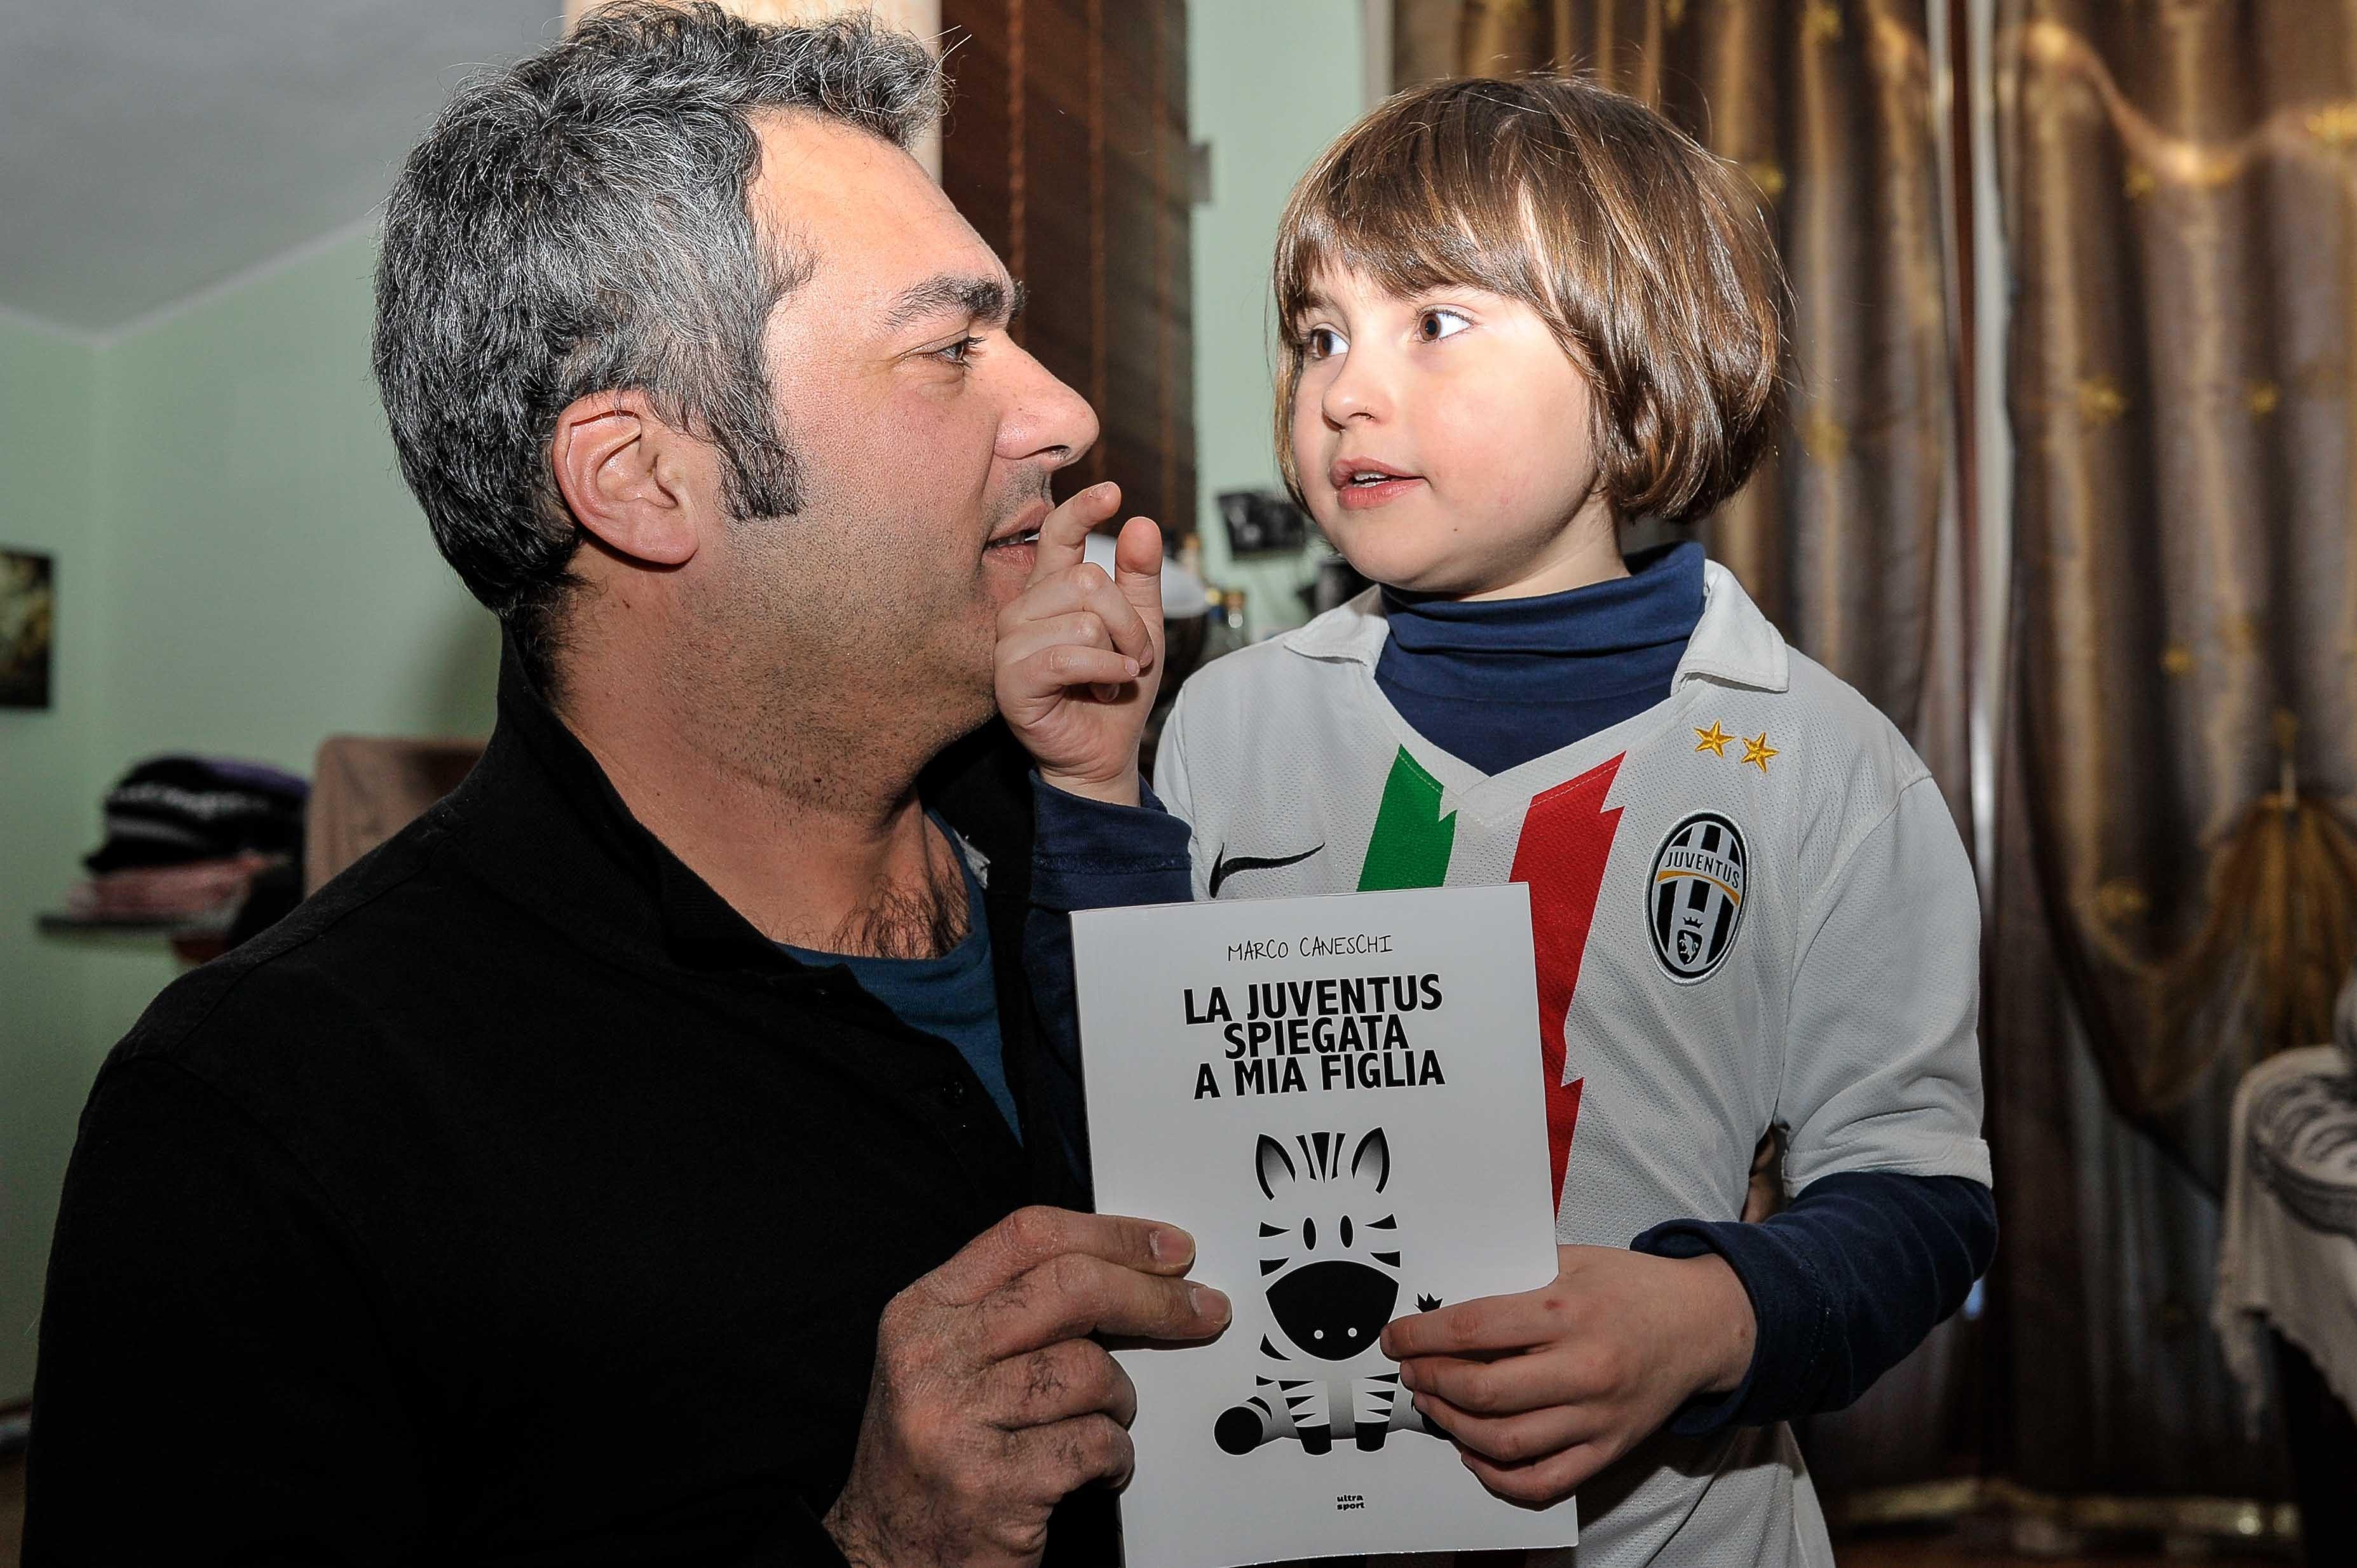 'La Juventus spiegata a mia figlia', il libro di Marco Caneschi sarà presentato a Camucia